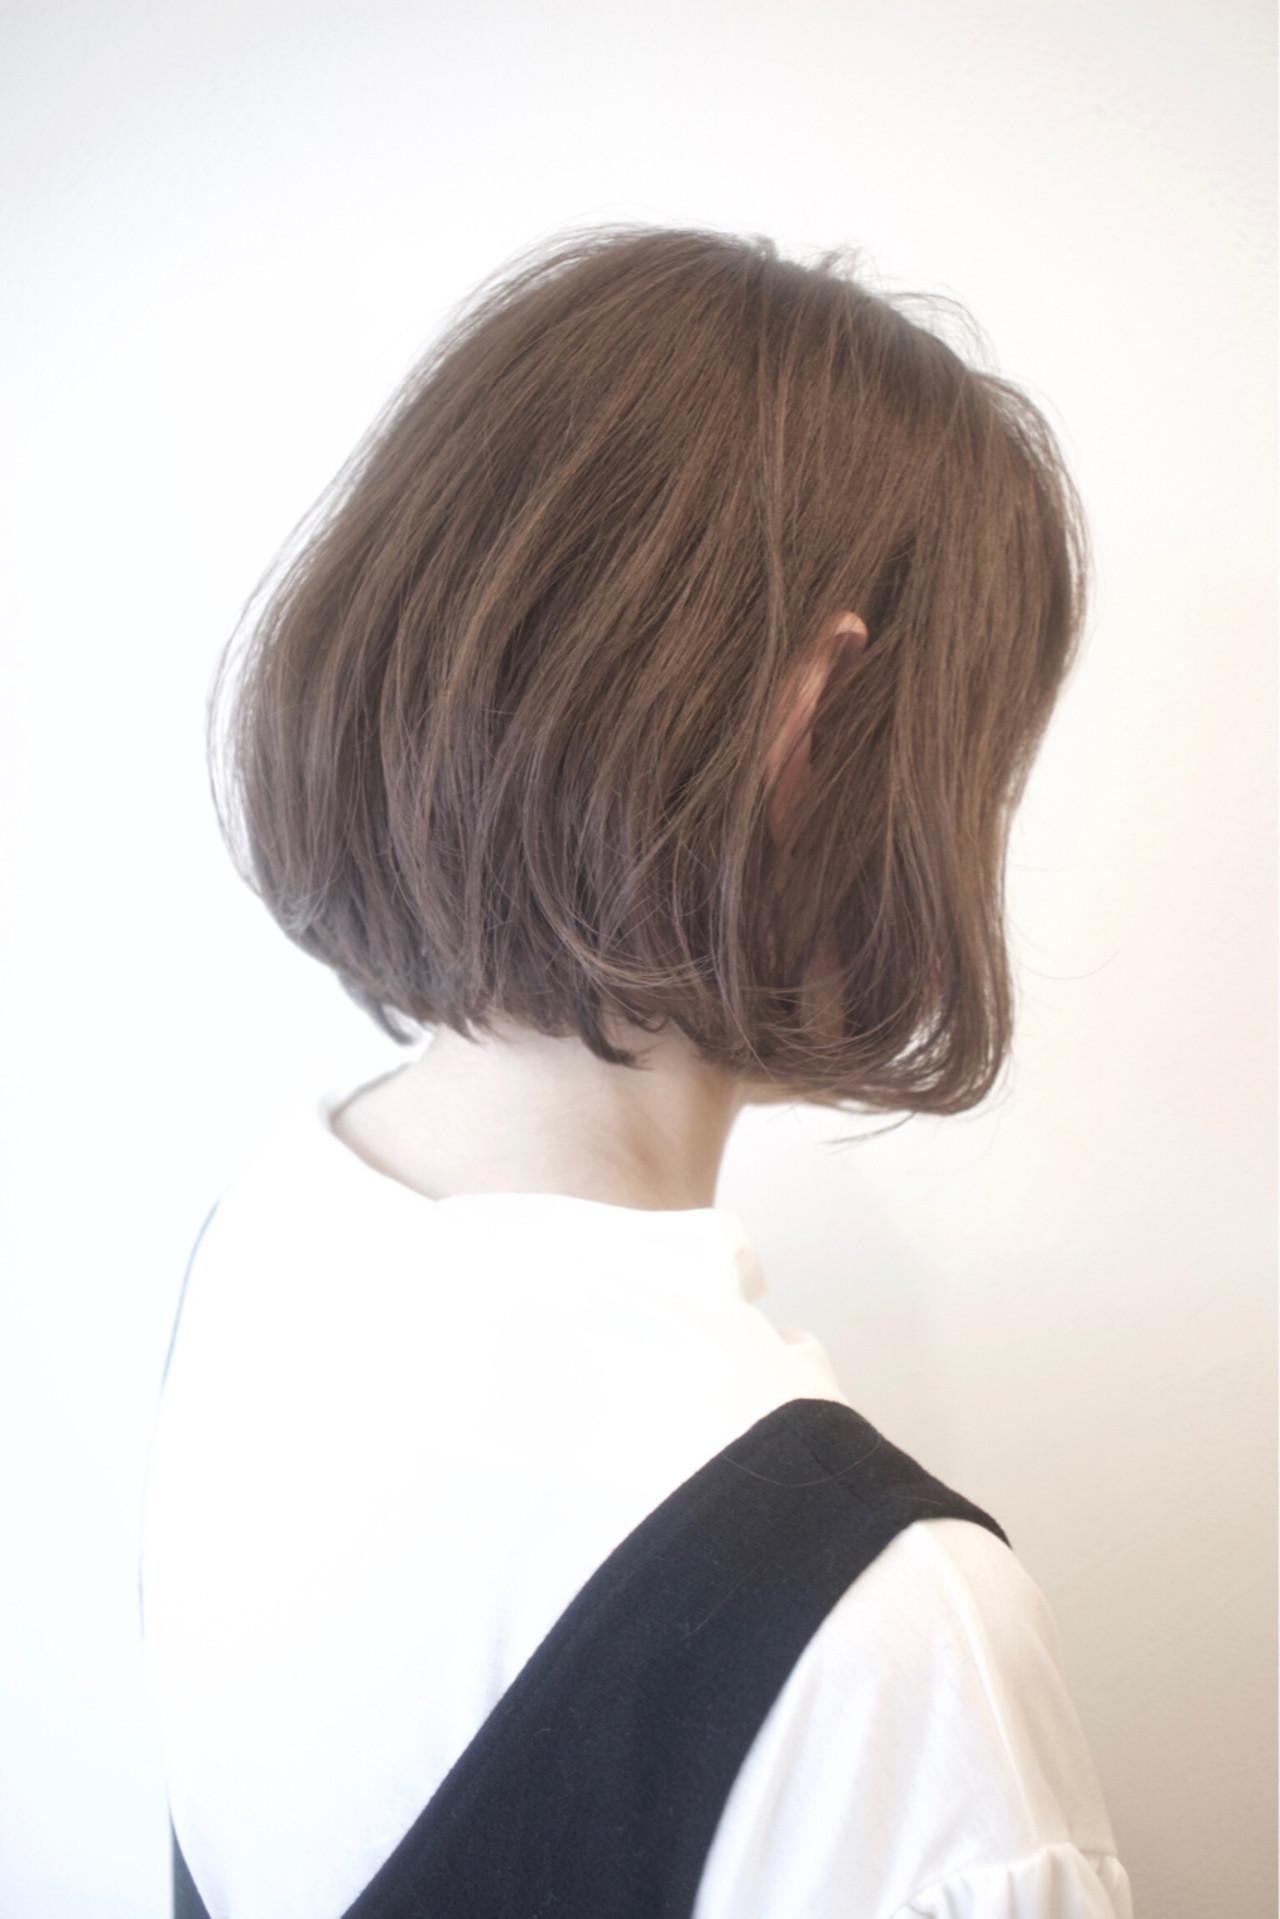 小顔 ショートボブ アッシュ パーマ ヘアスタイルや髪型の写真・画像